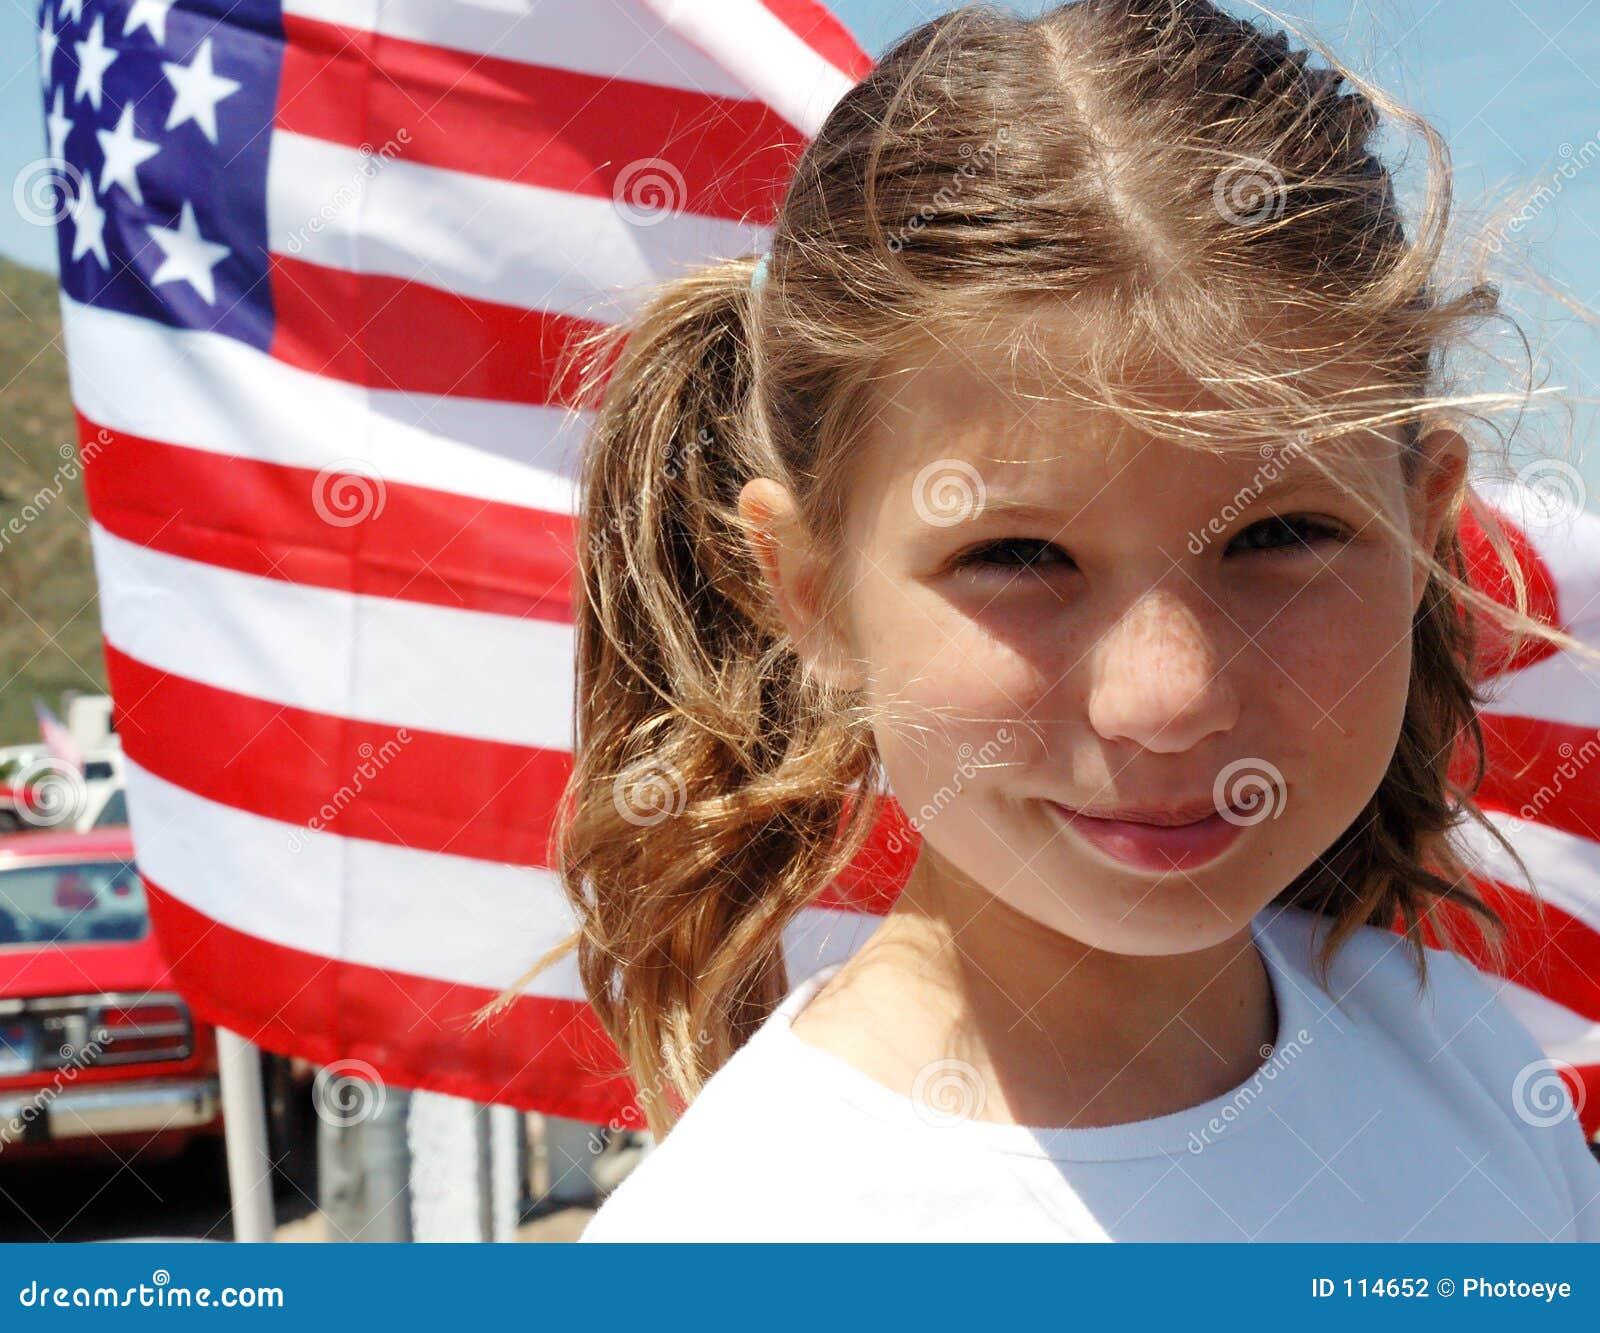 Girl and flag